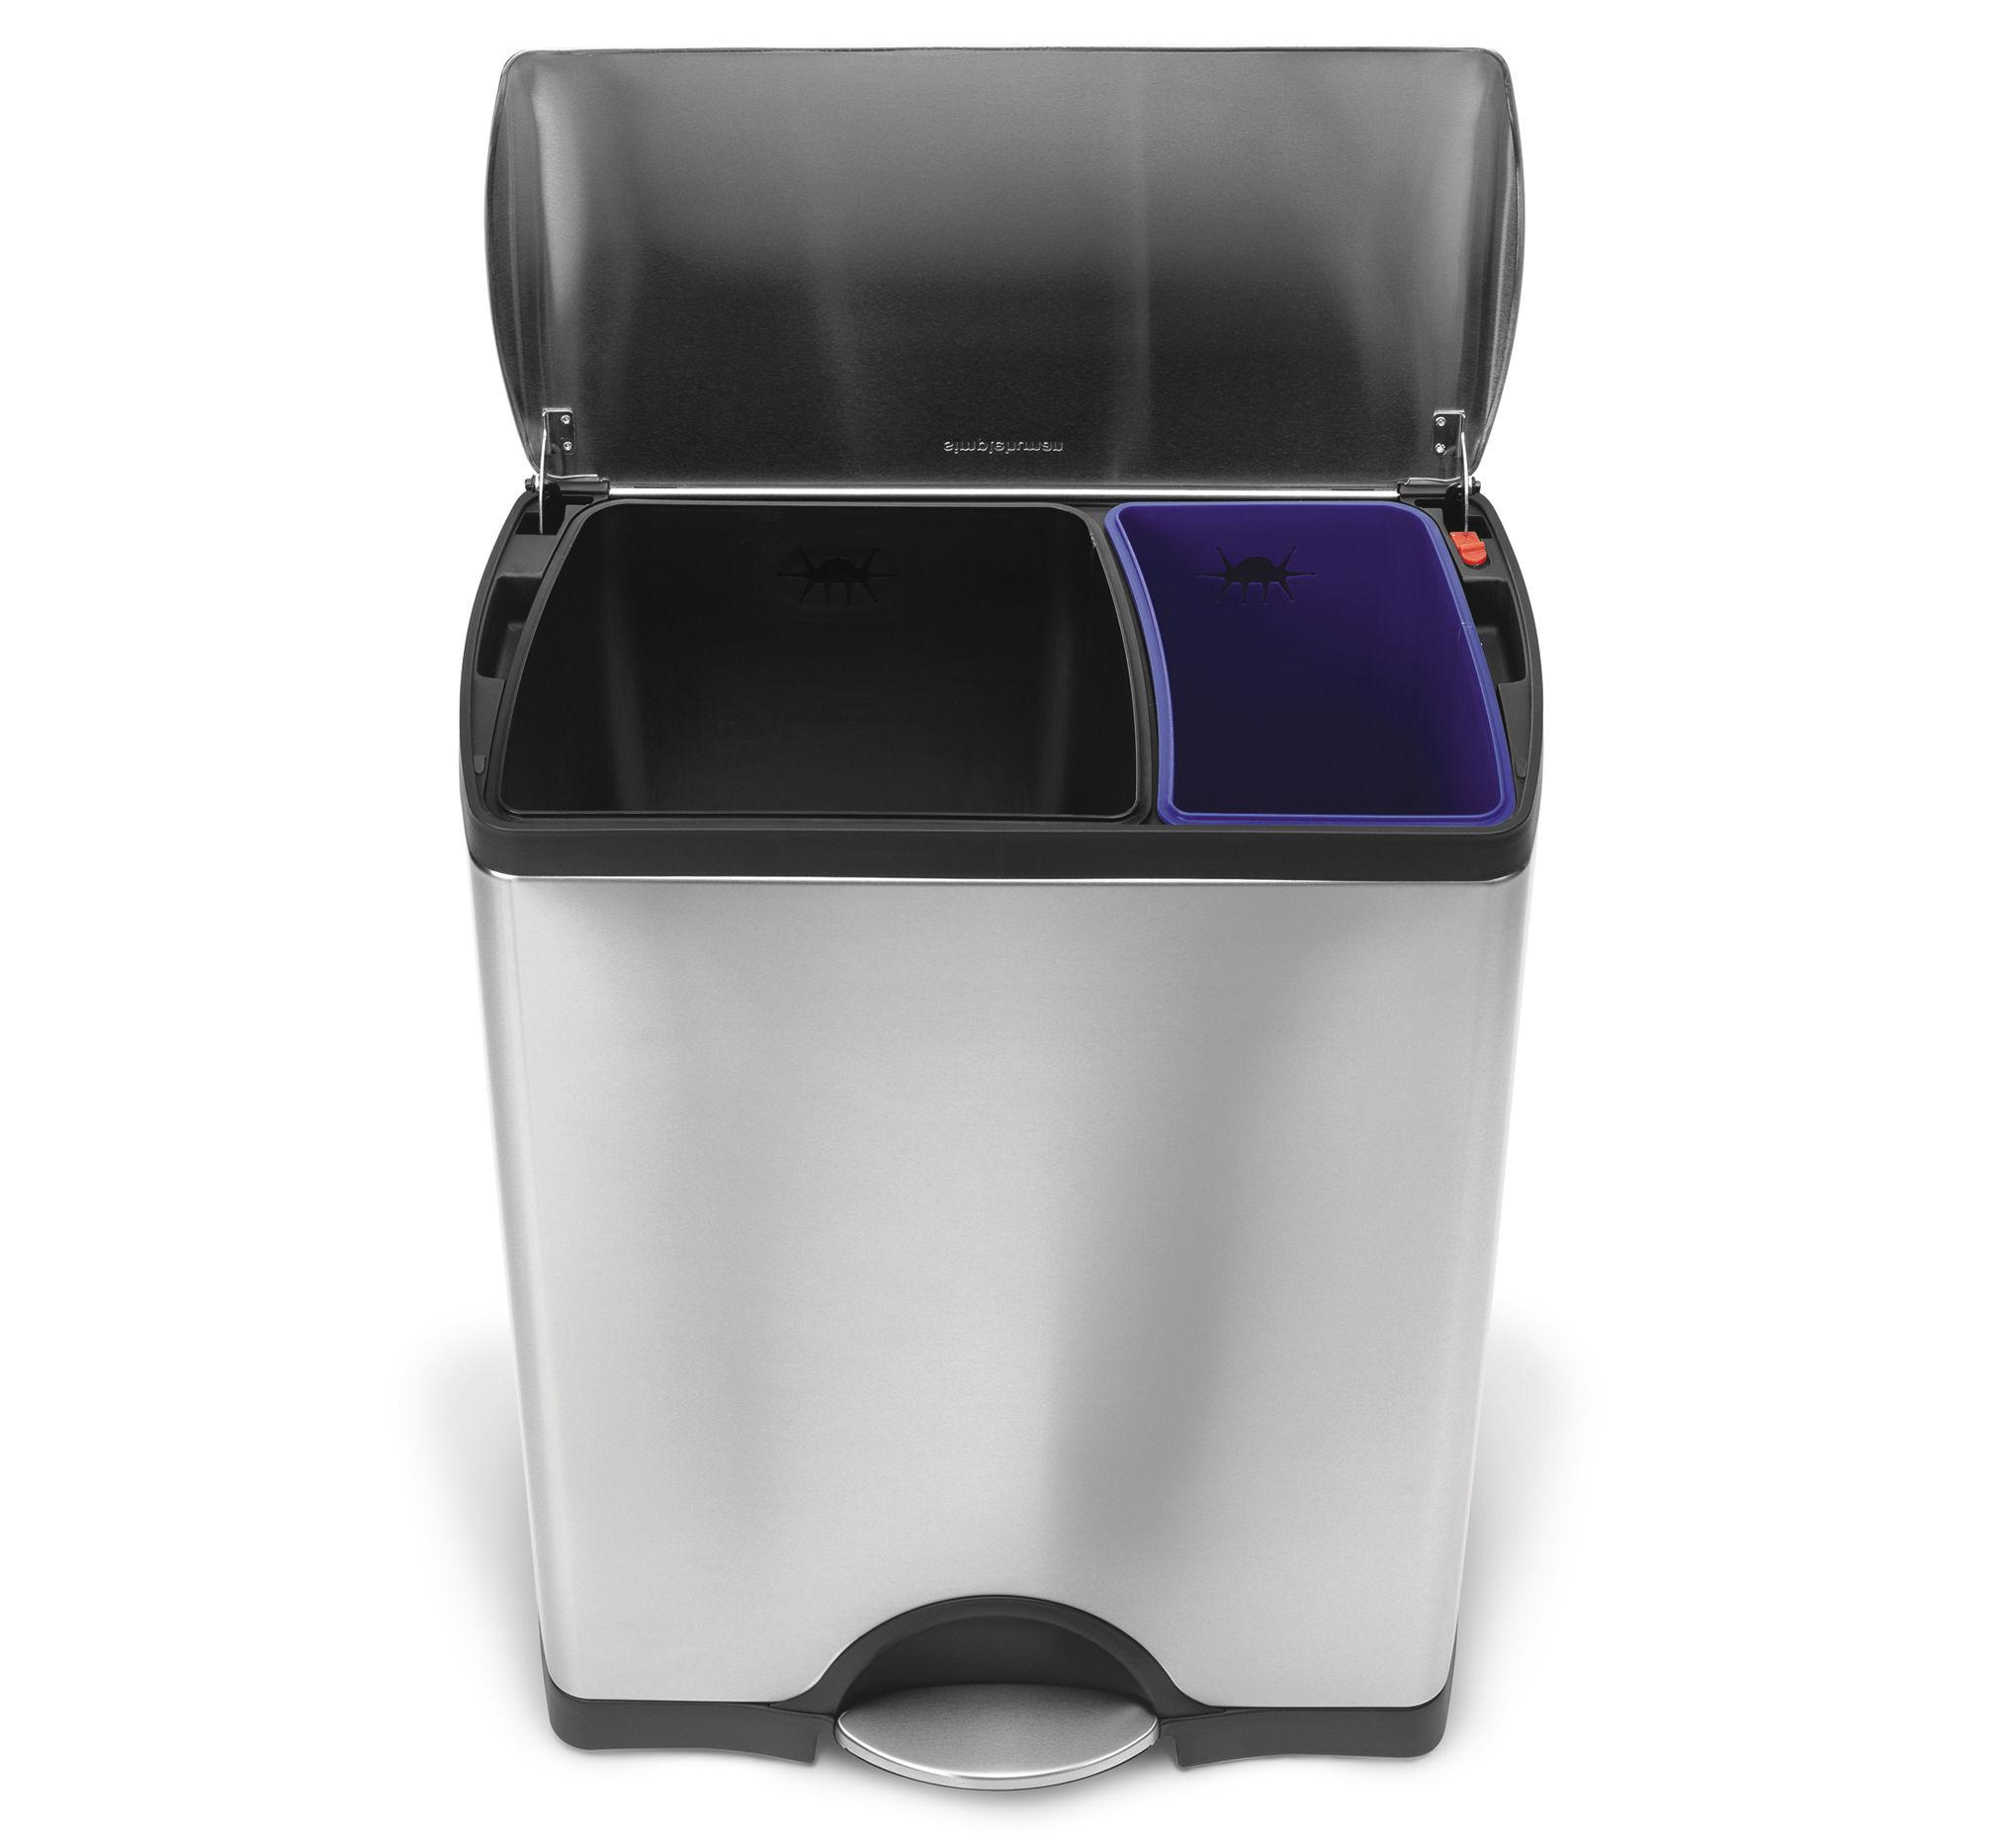 Cuisine - Poubelles de cuisine - Poubelle de tri Deluxe Recycle / 46 litres - Simple Human - Acier - 46 Litres - Acier inoxydable brossé